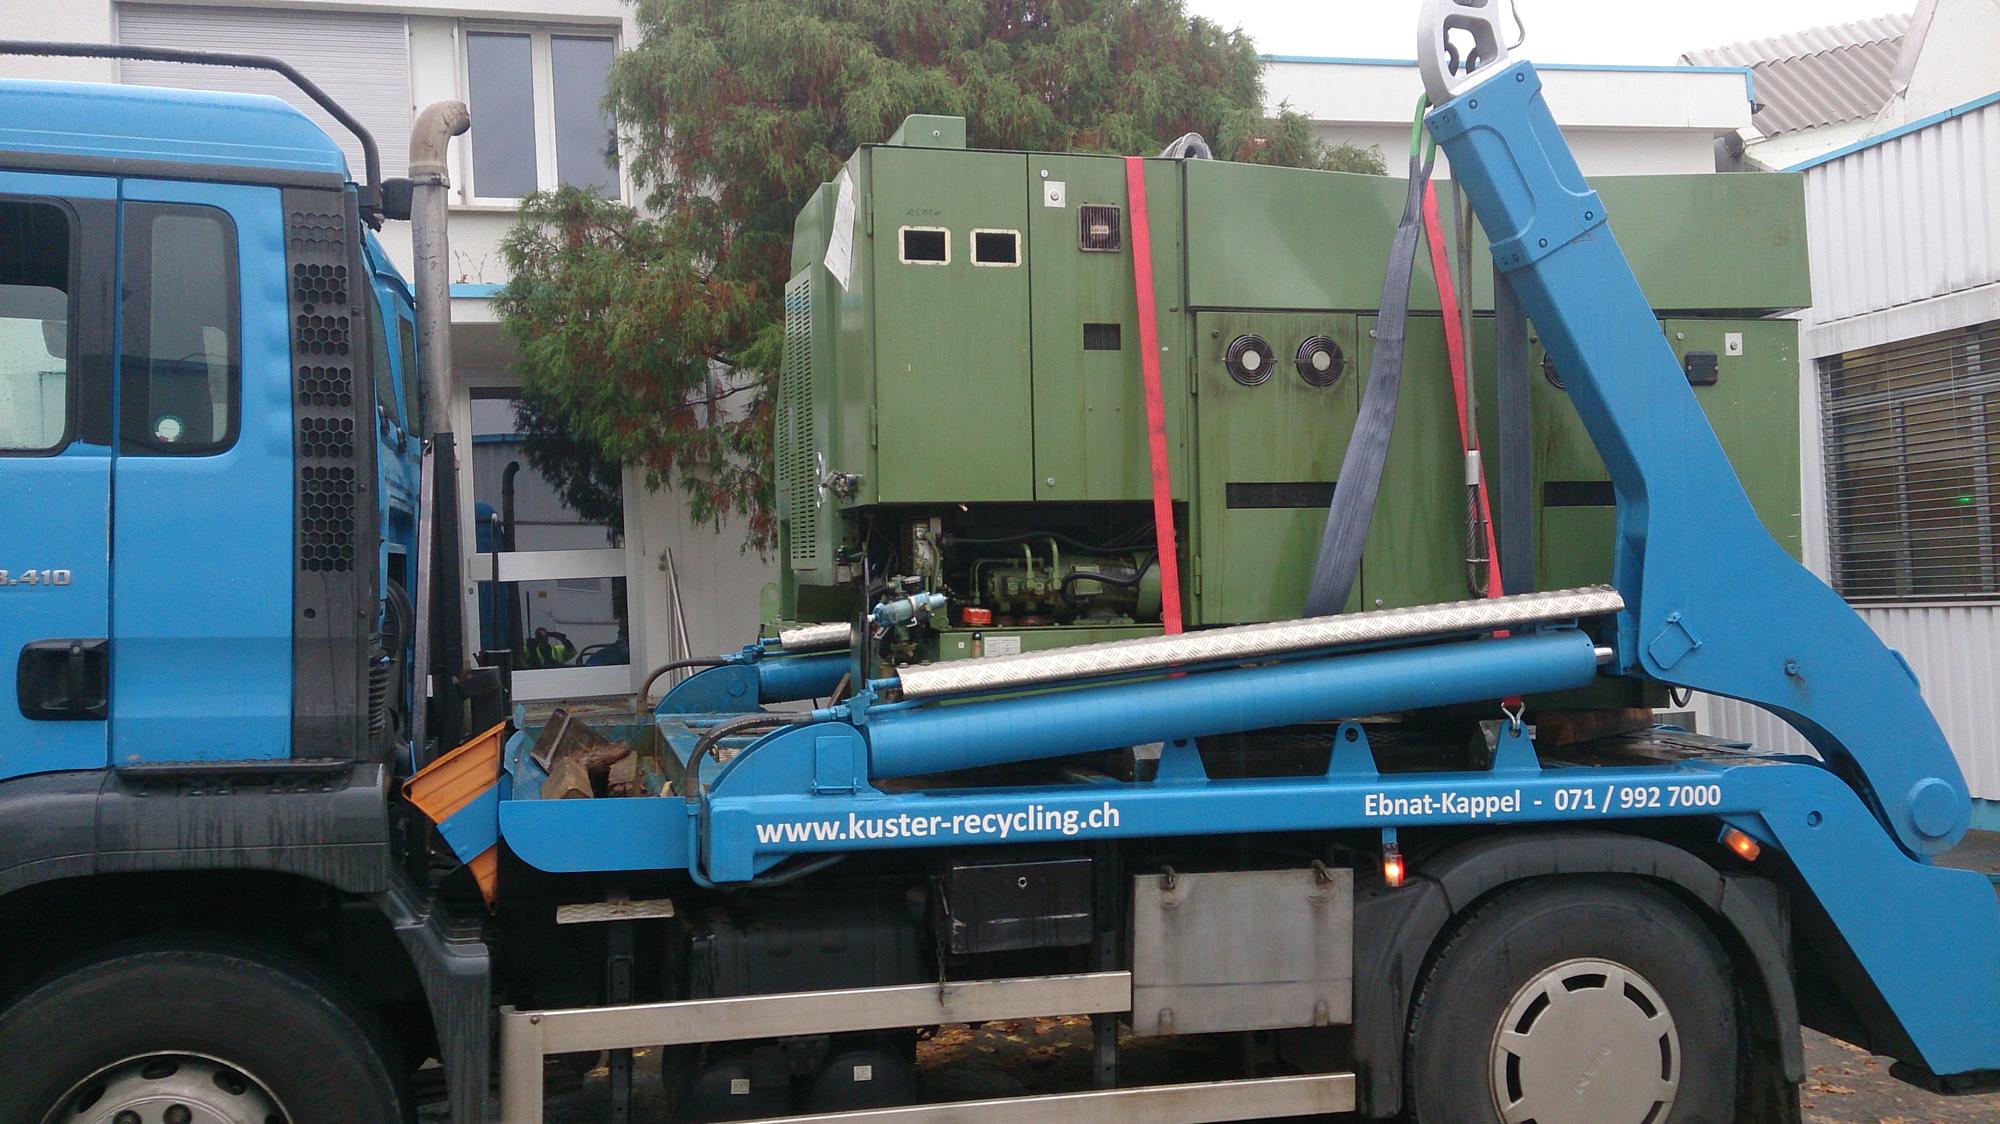 2-Achser-Absetzkipper_Transport-Maschine-Kuster-Recycling